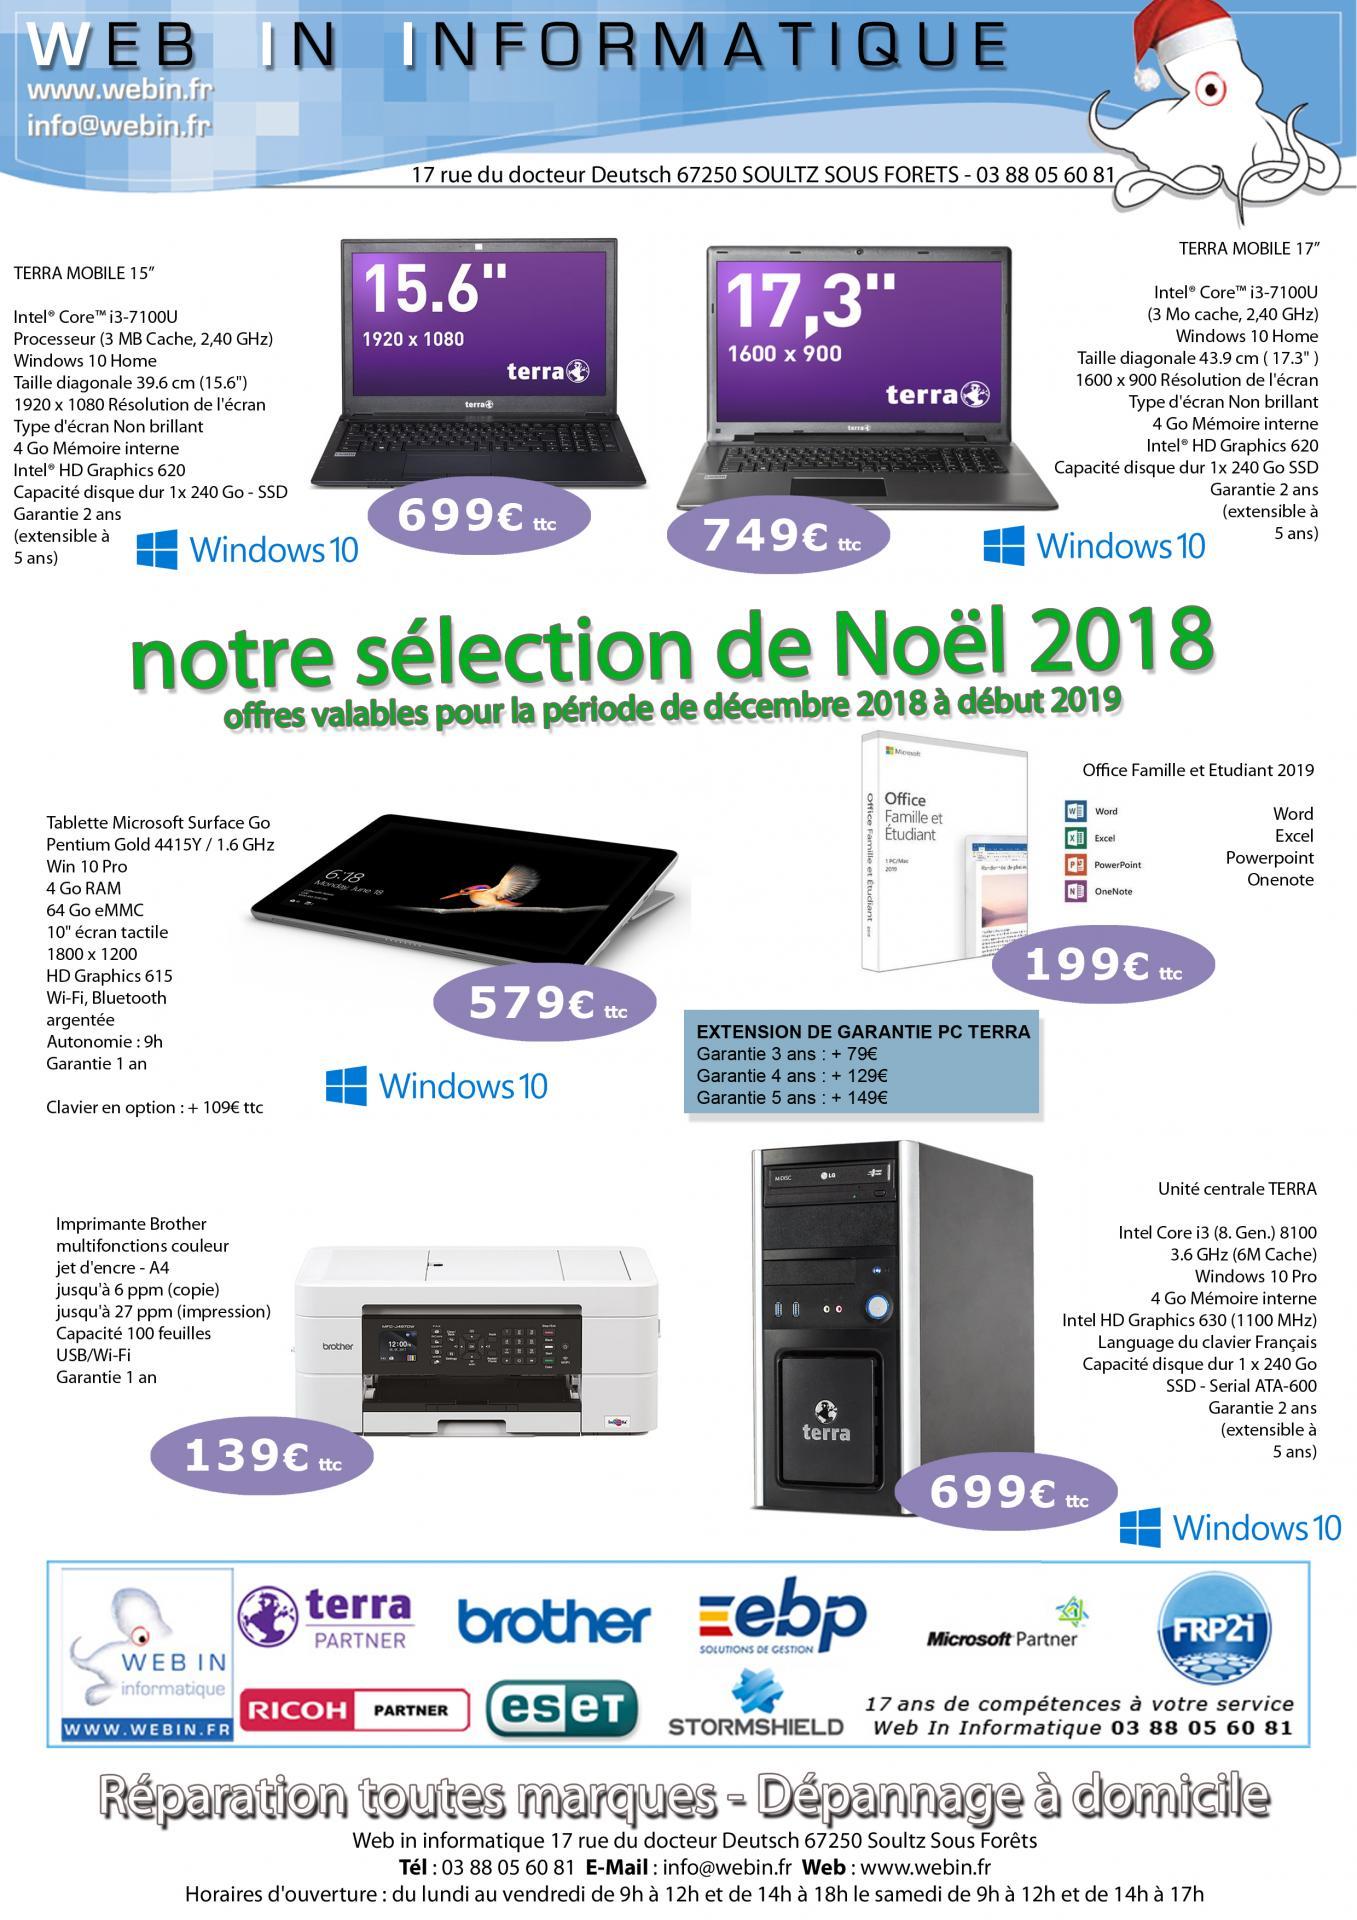 Offres webin noel 2018